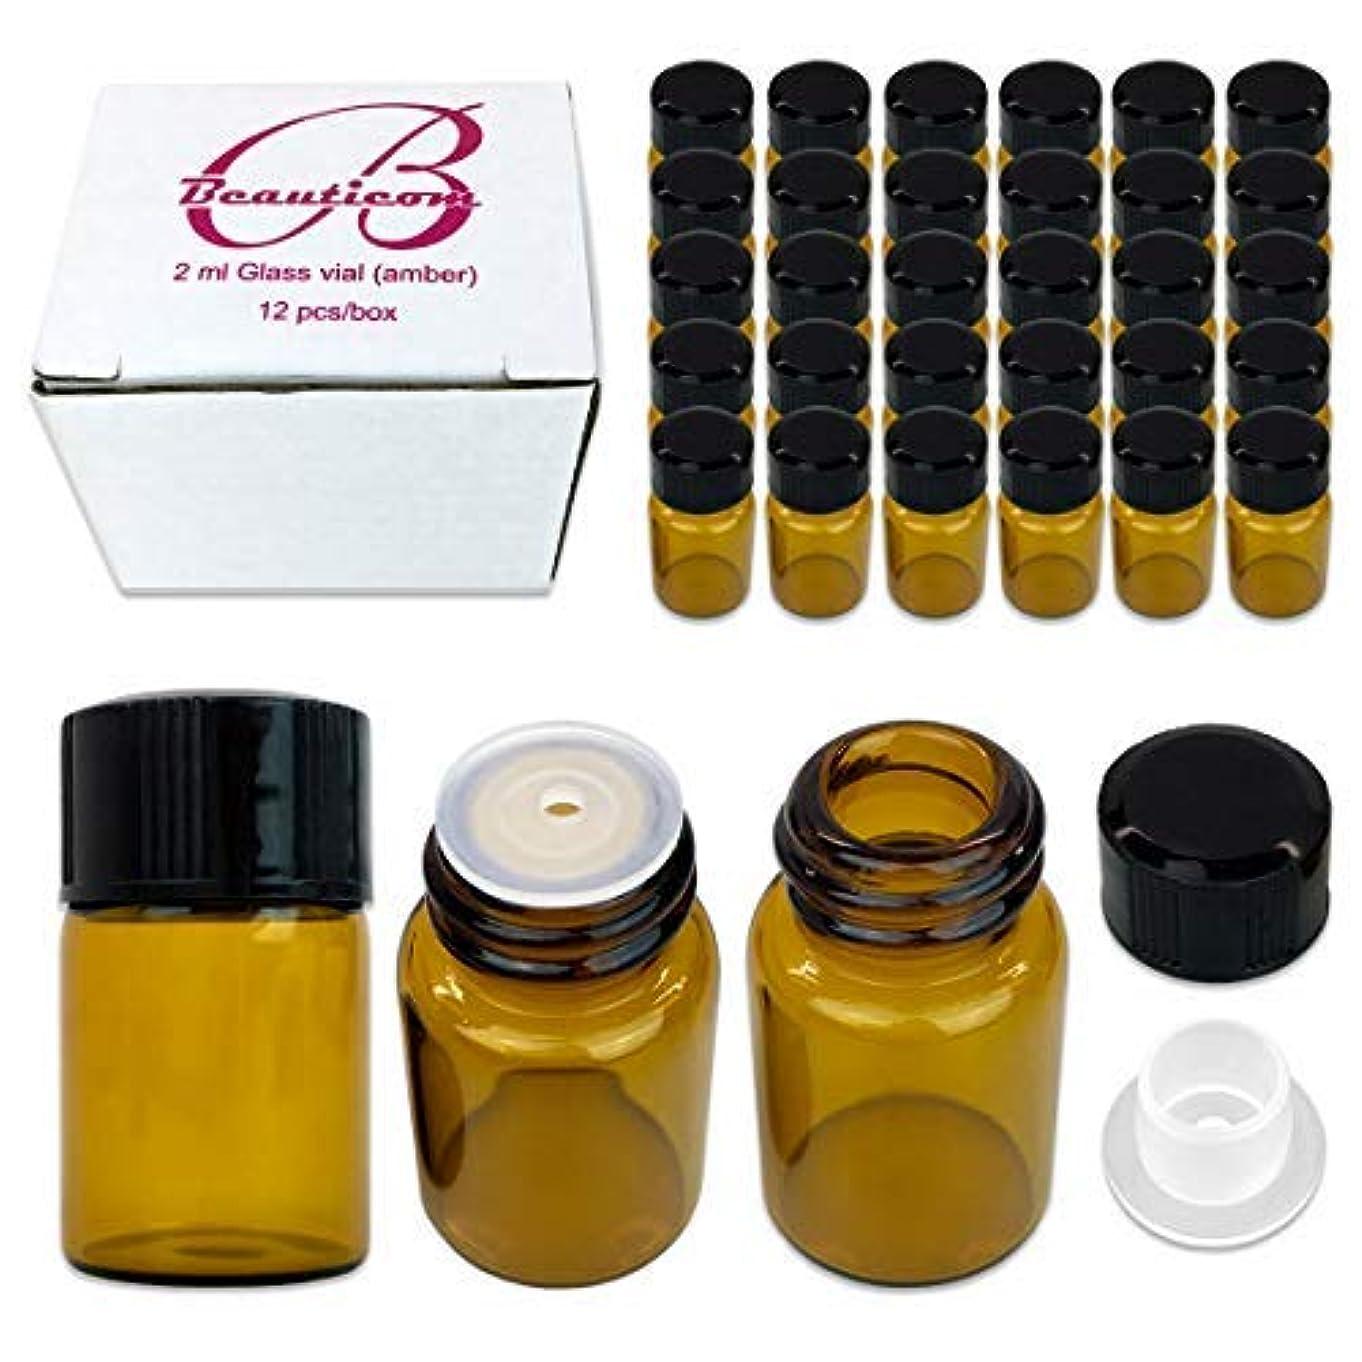 ブリーク滅びる厳密に48 Packs Beauticom 2ML Amber Glass Vial for Essential Oils, Aromatherapy, Fragrance, Serums, Spritzes, with Orifice...